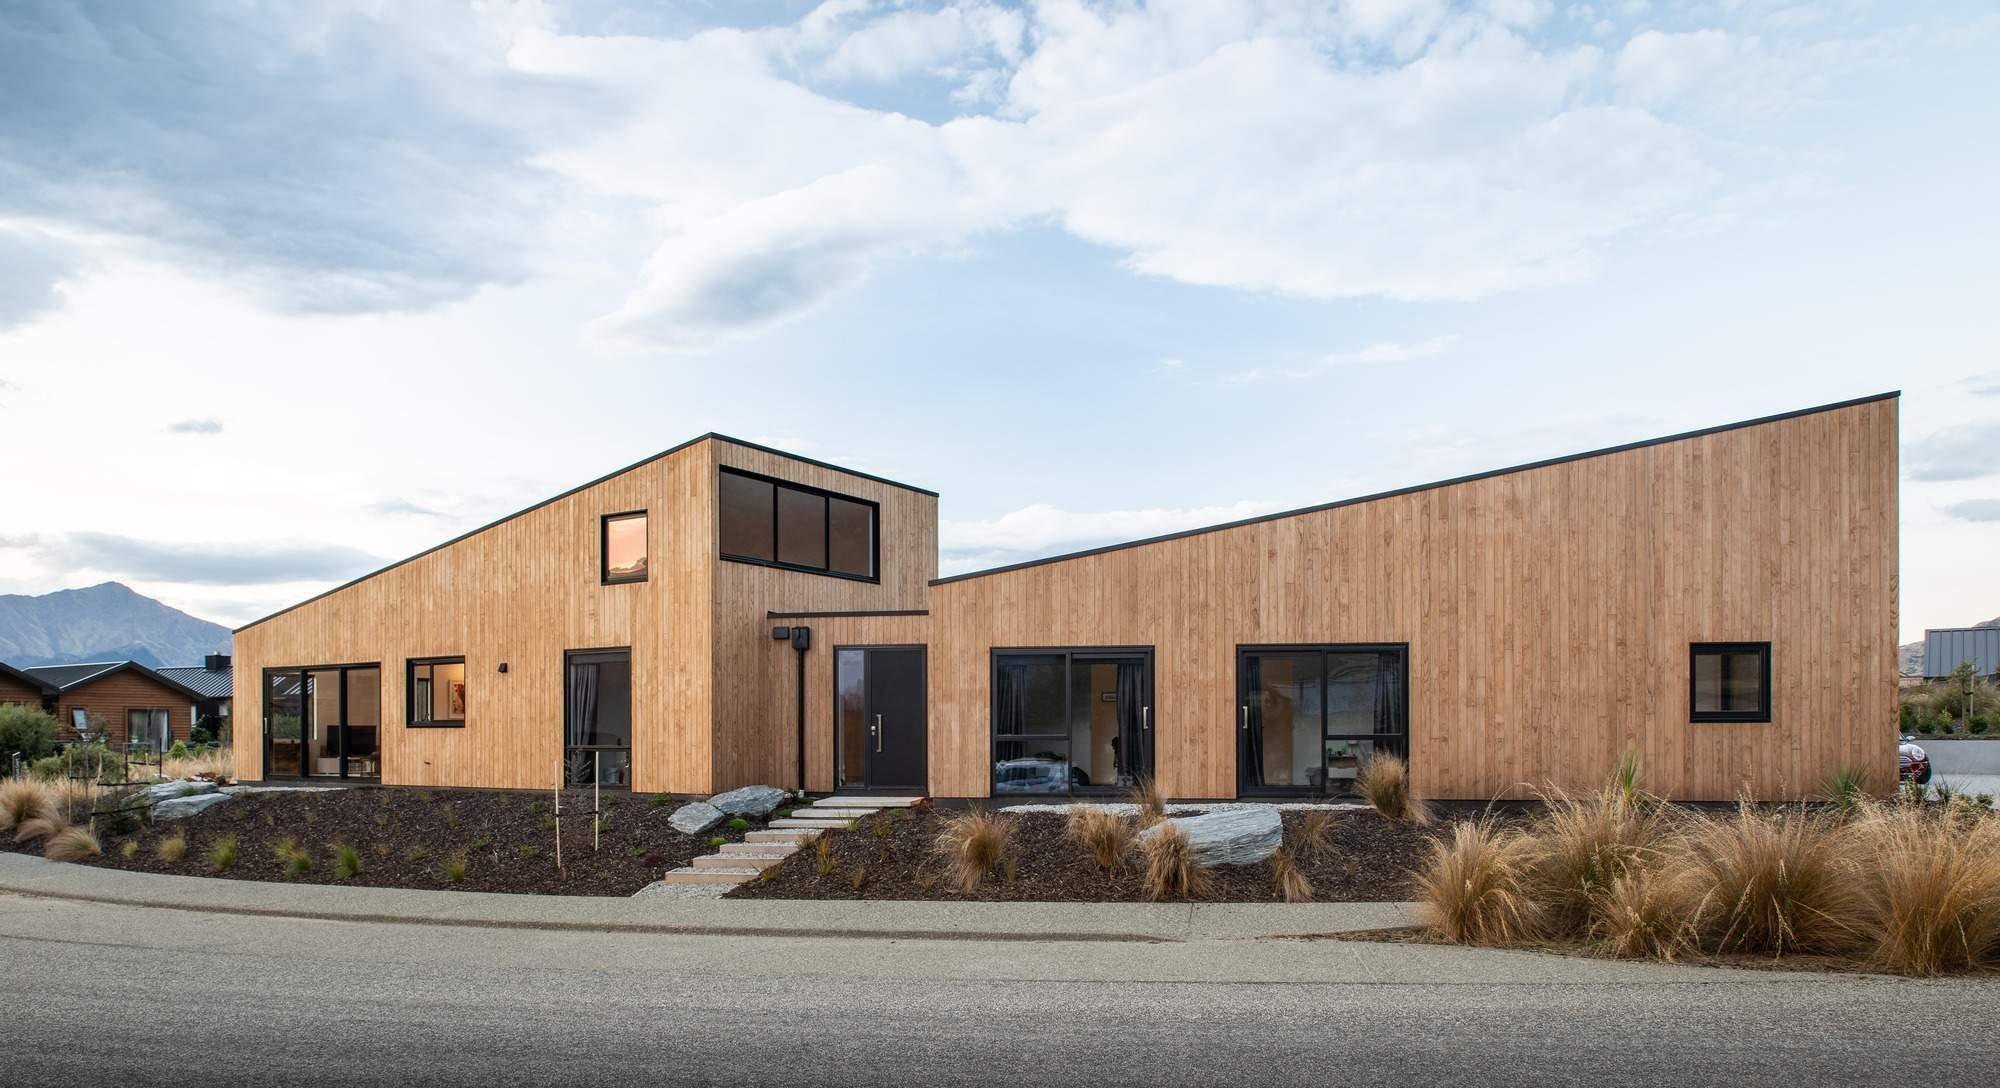 S výhledem na pohoří Jižních Alp rozprostírajících se na novozélandském Jižním ostrově byl postaven dům pro čtyřčlennou rodinu. V duchu spojení s přírodou v okolí je interiér postaven na cedrovém dřevu a betonu. Díky tomu vznikl útulný interiér s úžasným výhledem.